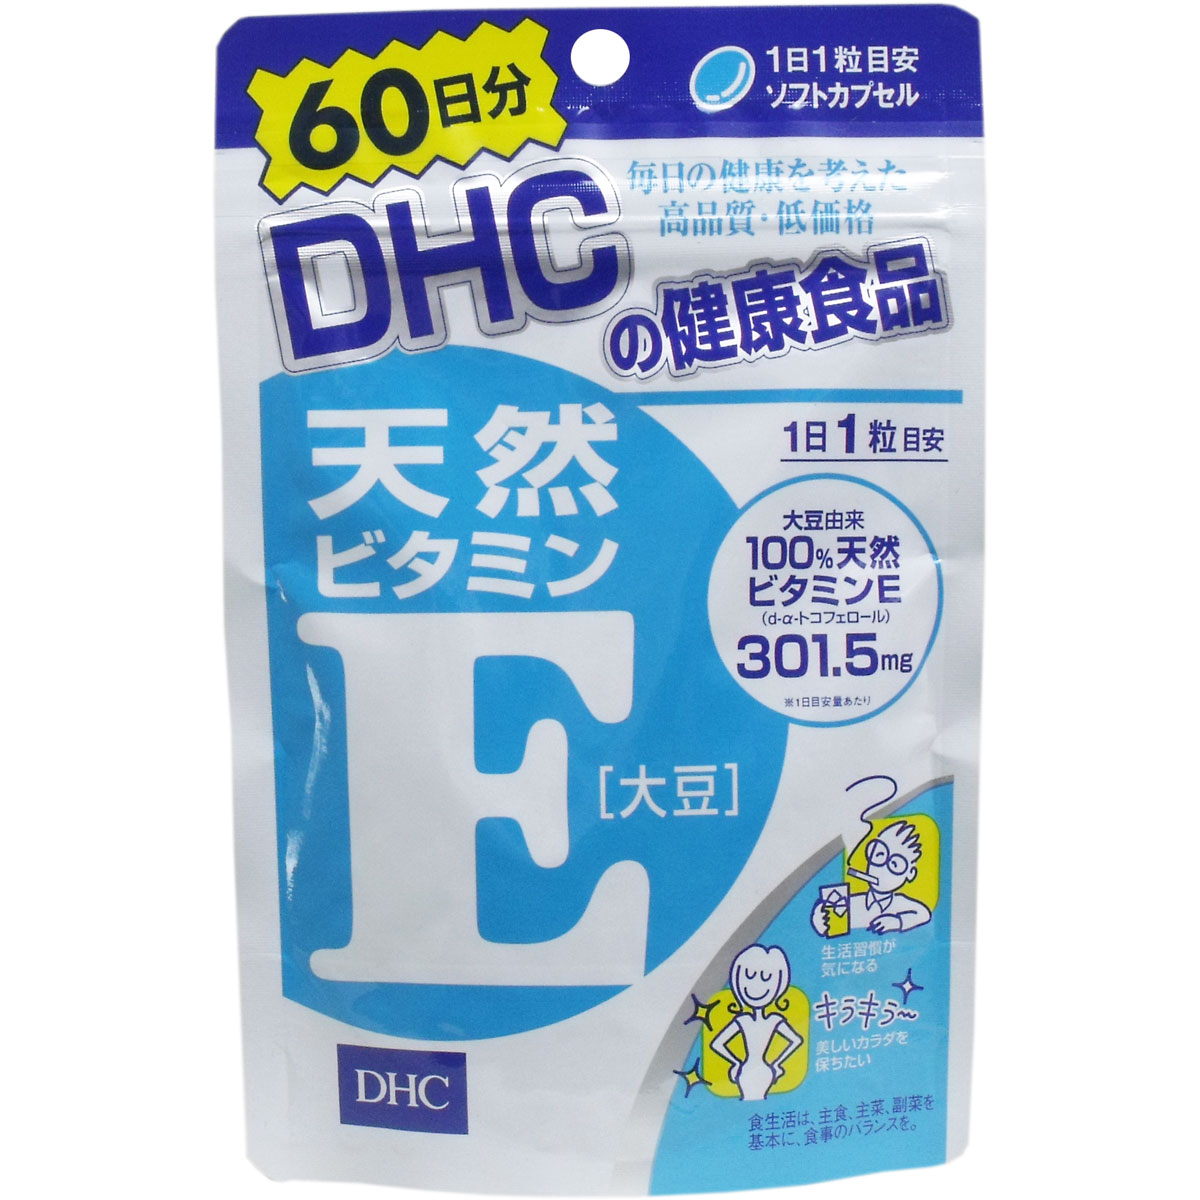 ※[2月25日まで特価]DHC 天然ビタミンE(大豆) 60日分 60粒入